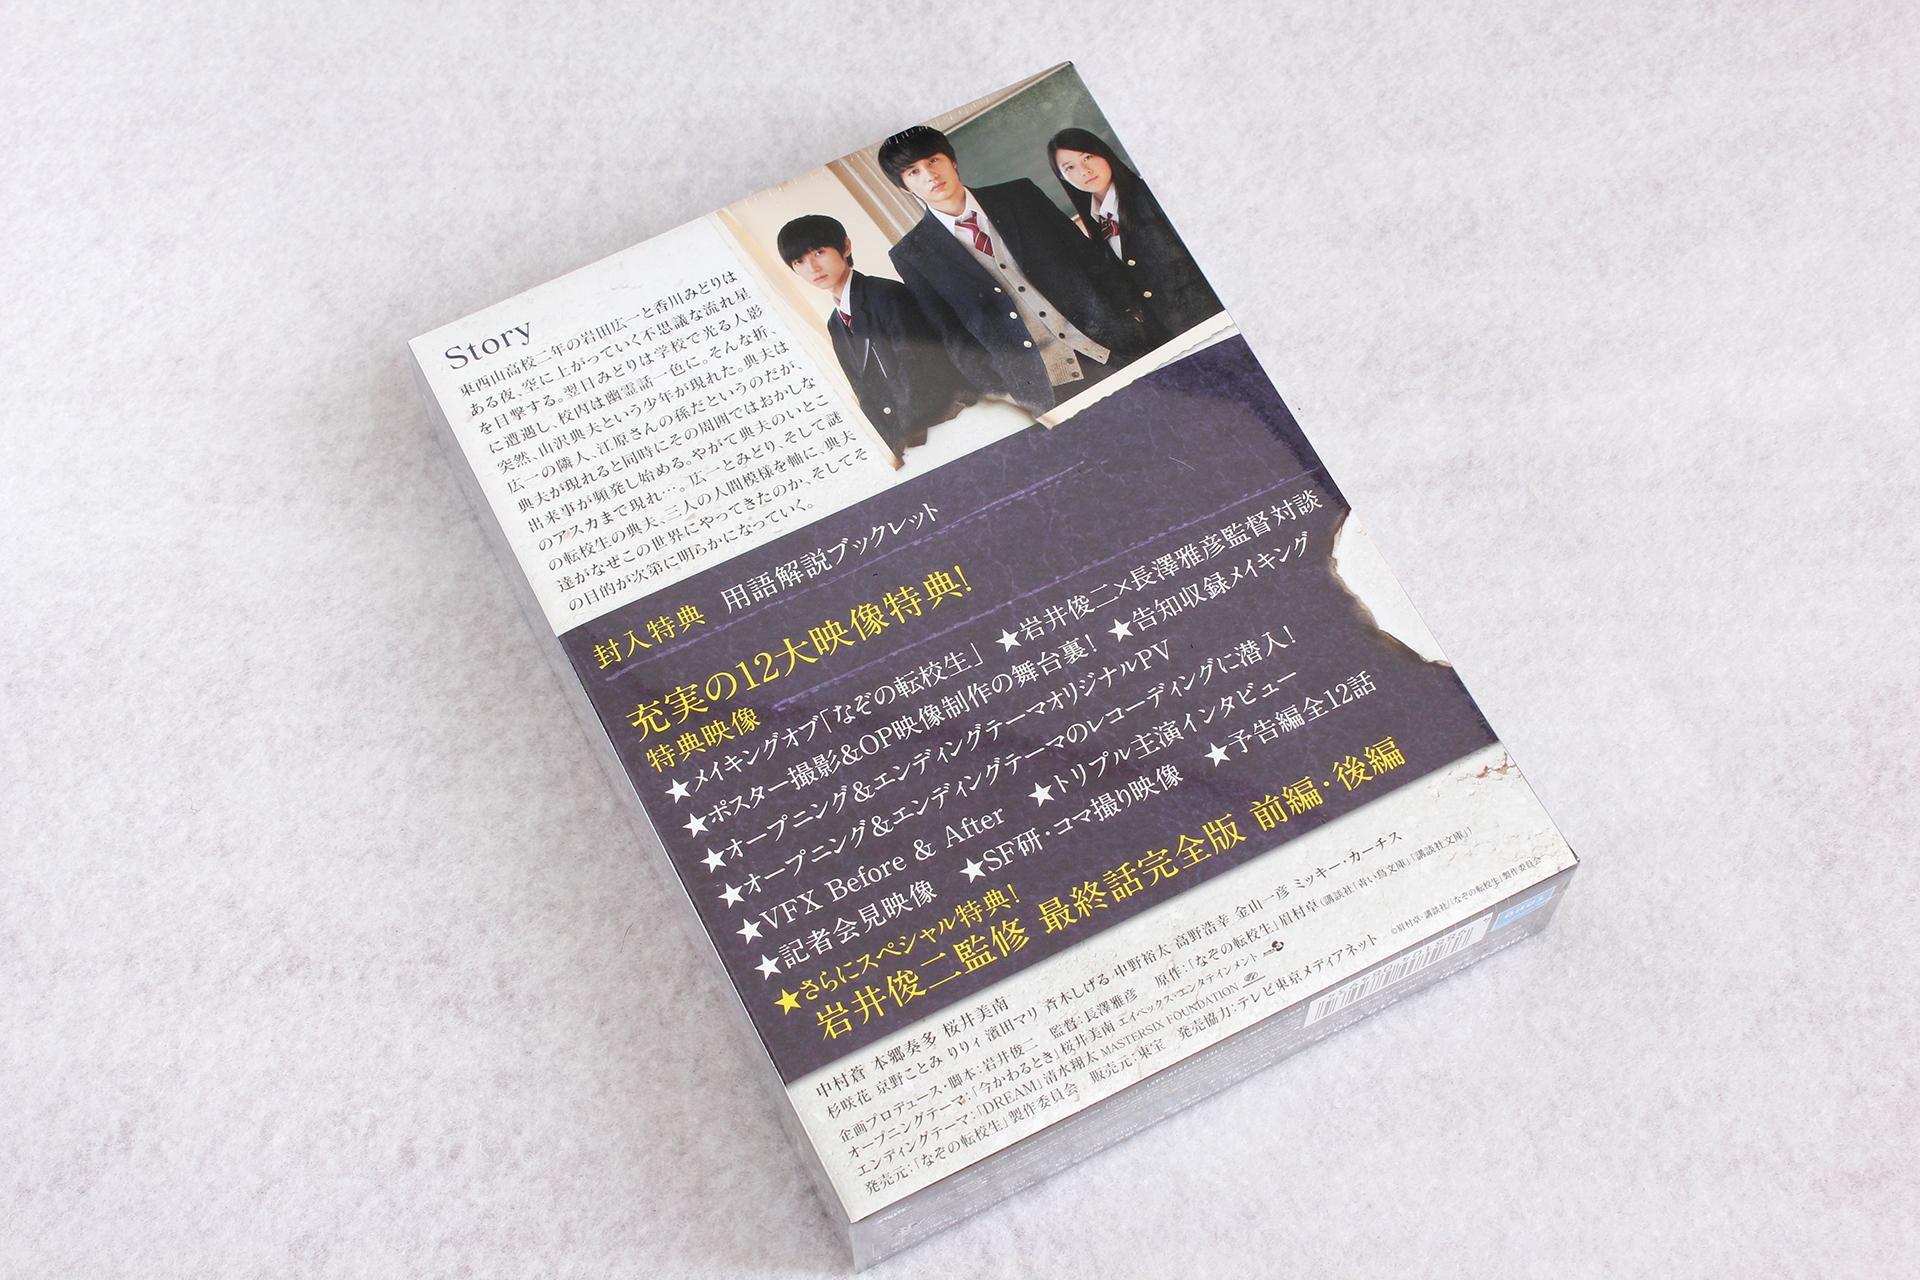 2014-05-13-NAZOTEN_BD-02.JPG